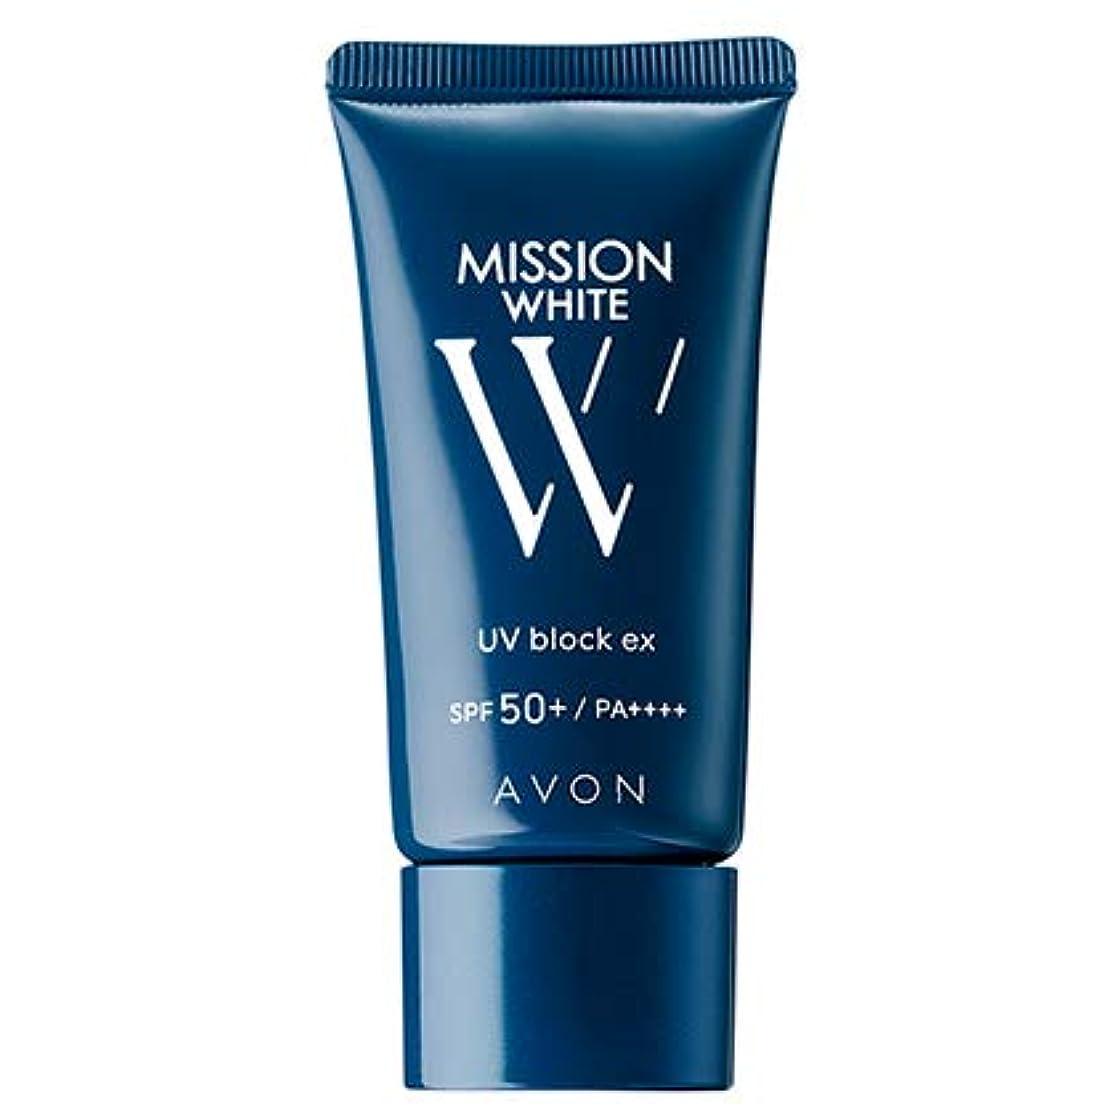 強調するなかなか唇エイボン ミッション ホワイト UVブロック EX(SPF50+/PA++++)(医薬部外品) 30g